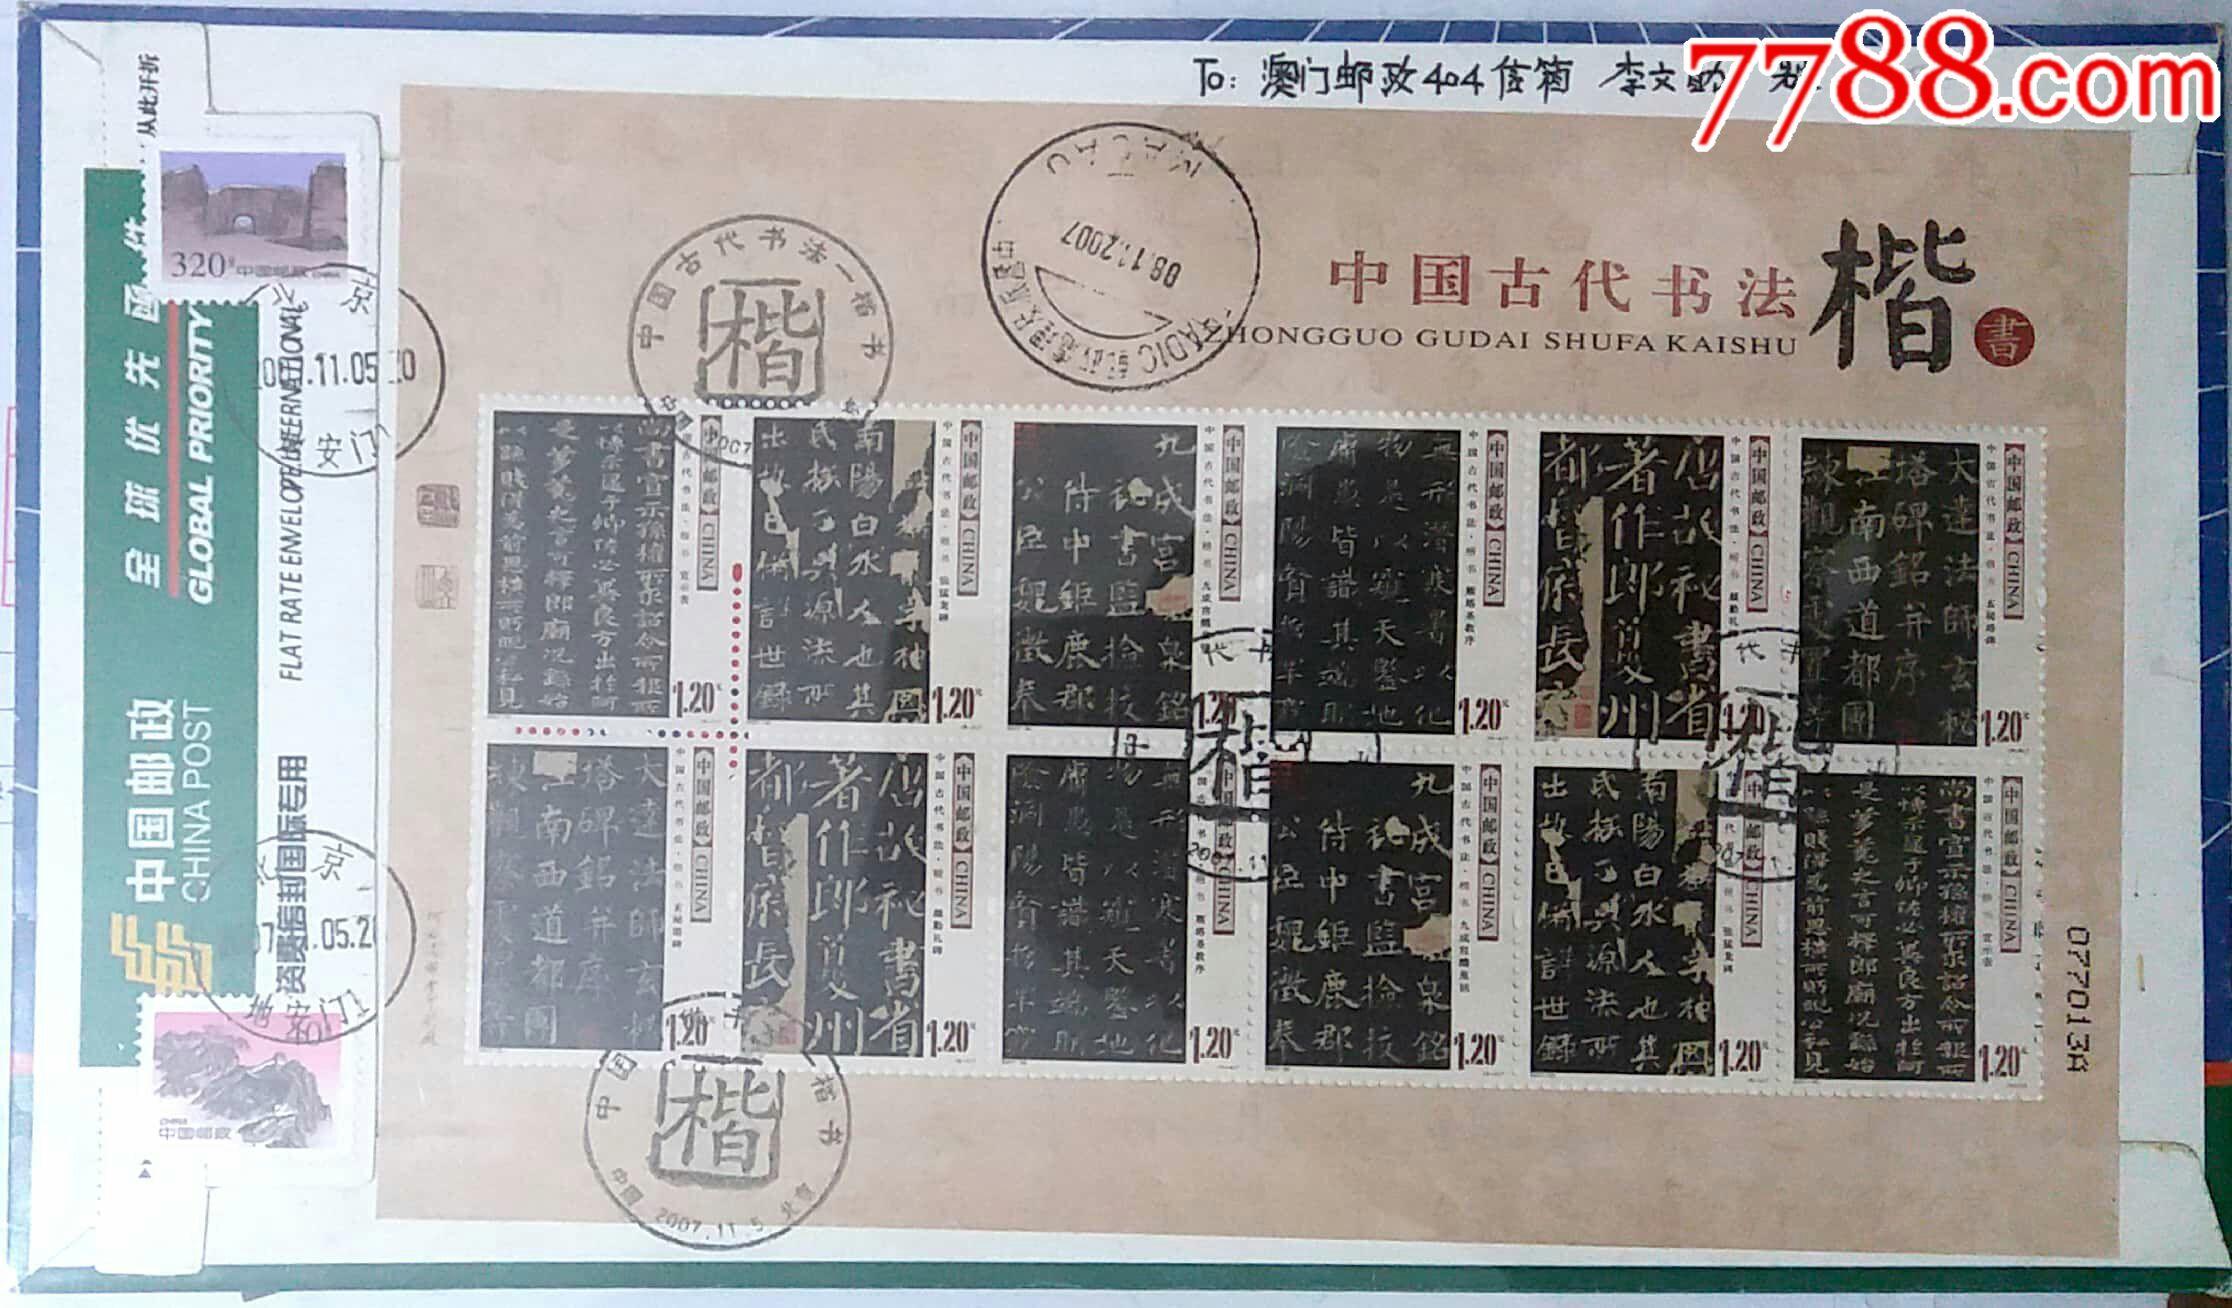 【1元起拍】2007-30《中国古代书法-楷书》小版张?#26412;?#21407;地首日全球优先澳门(au21517167)_